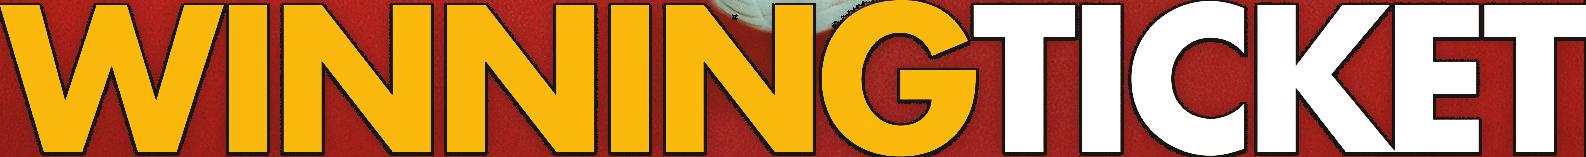 winning ticket logo.png